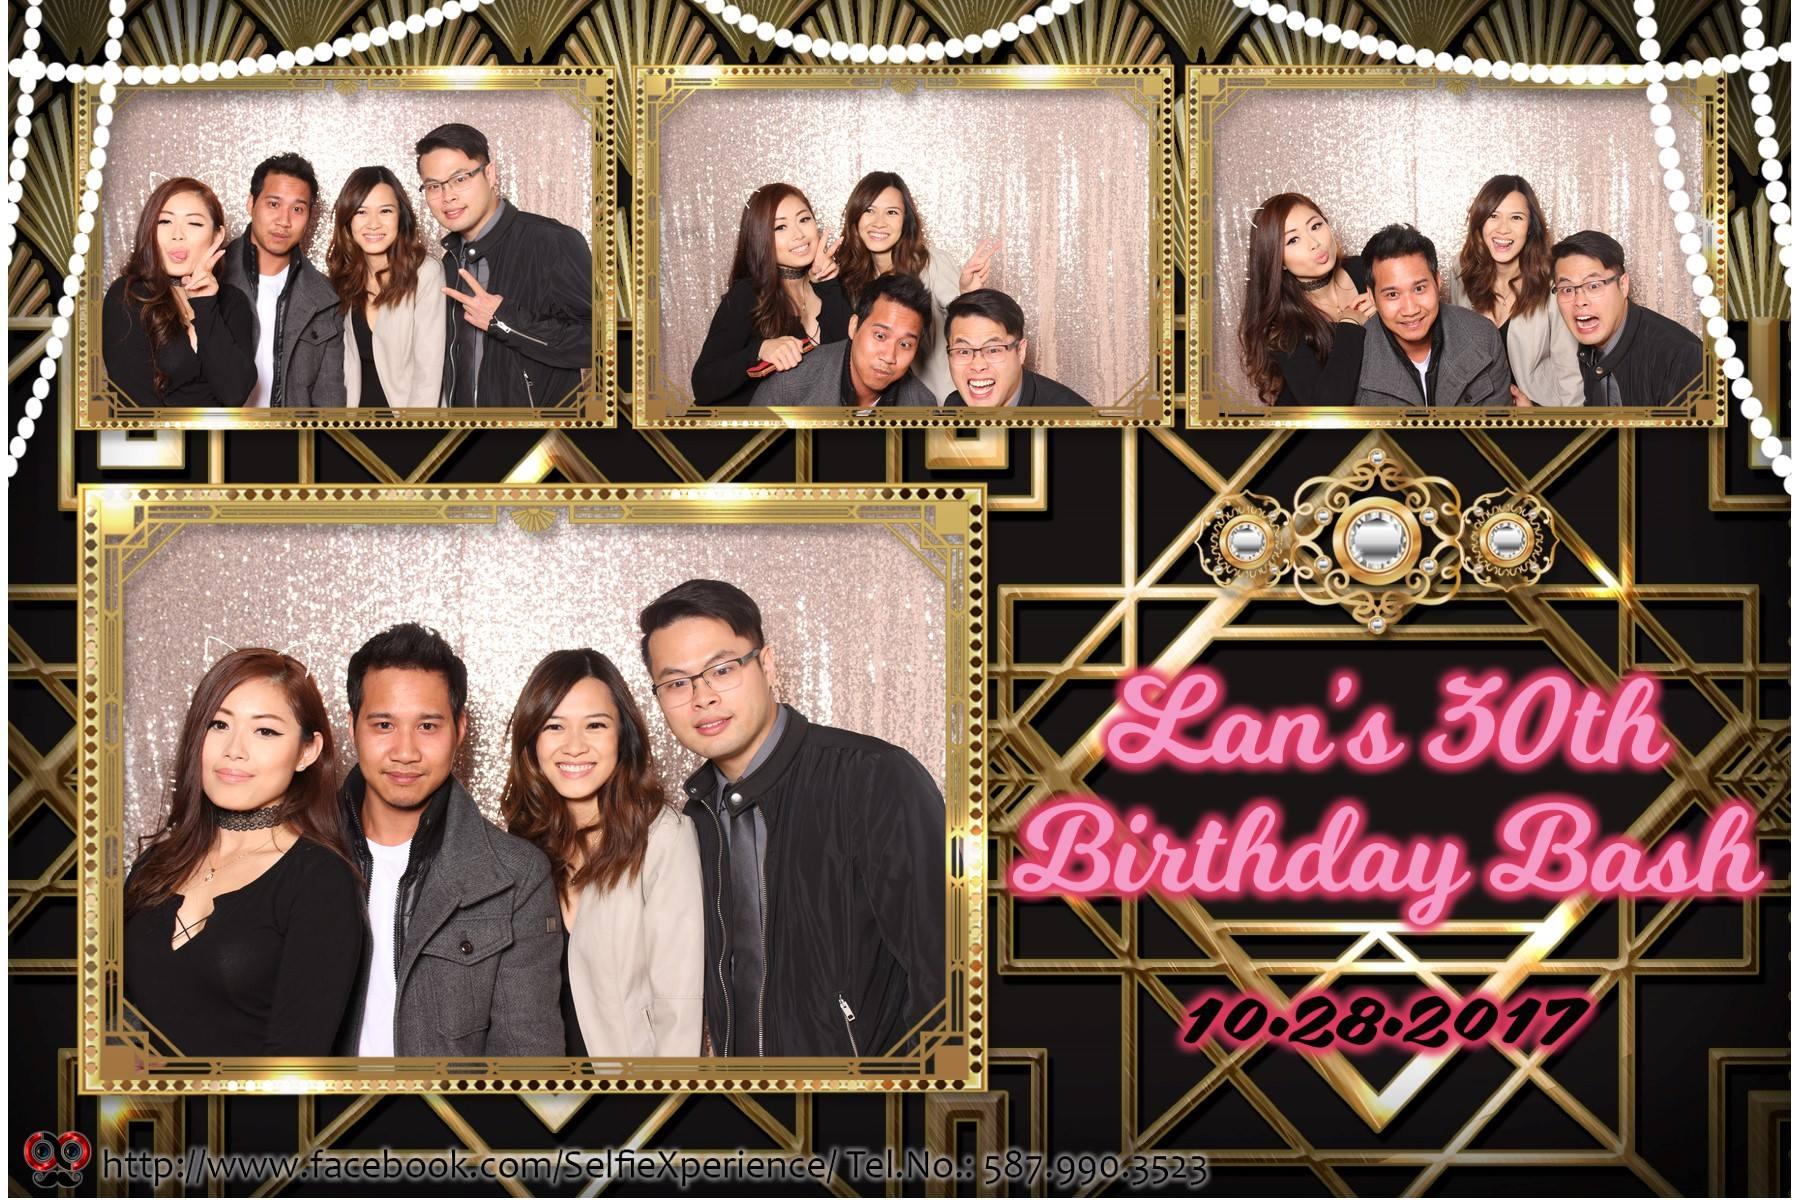 Lan's Birthday